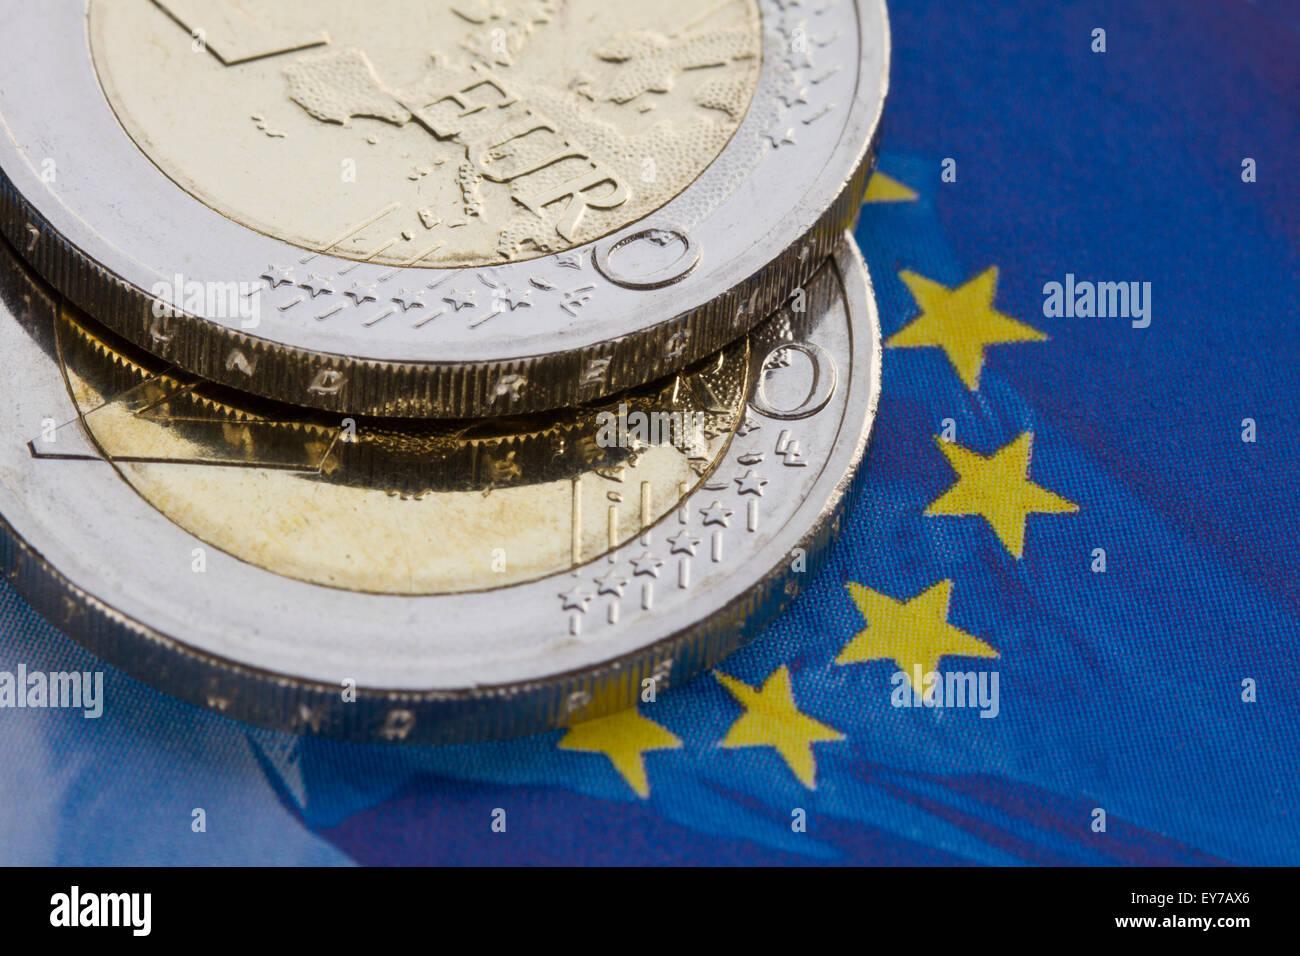 Euro coins on EU-flag - Stock Image